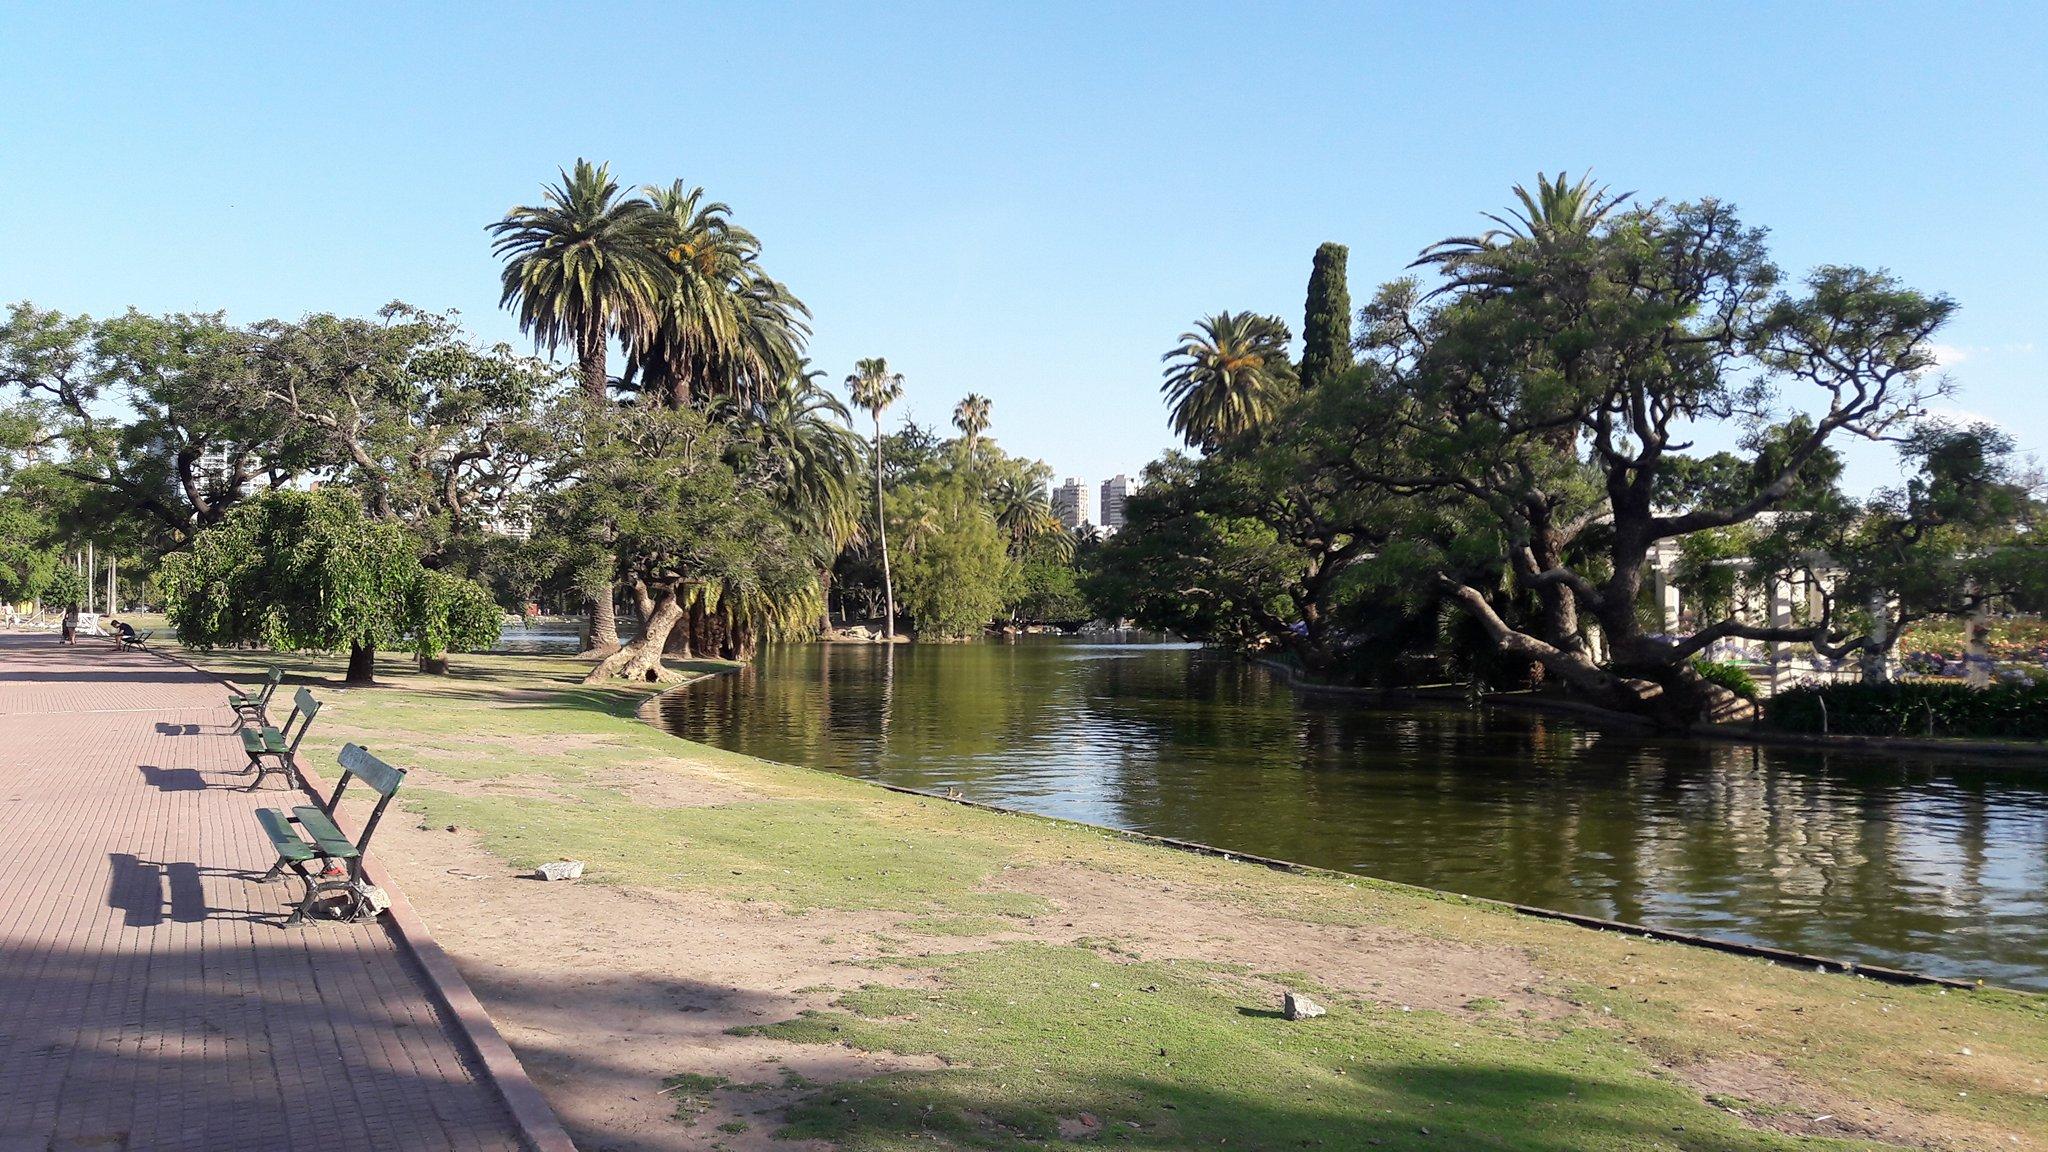 07.12.16 Stadtpark in Palermo